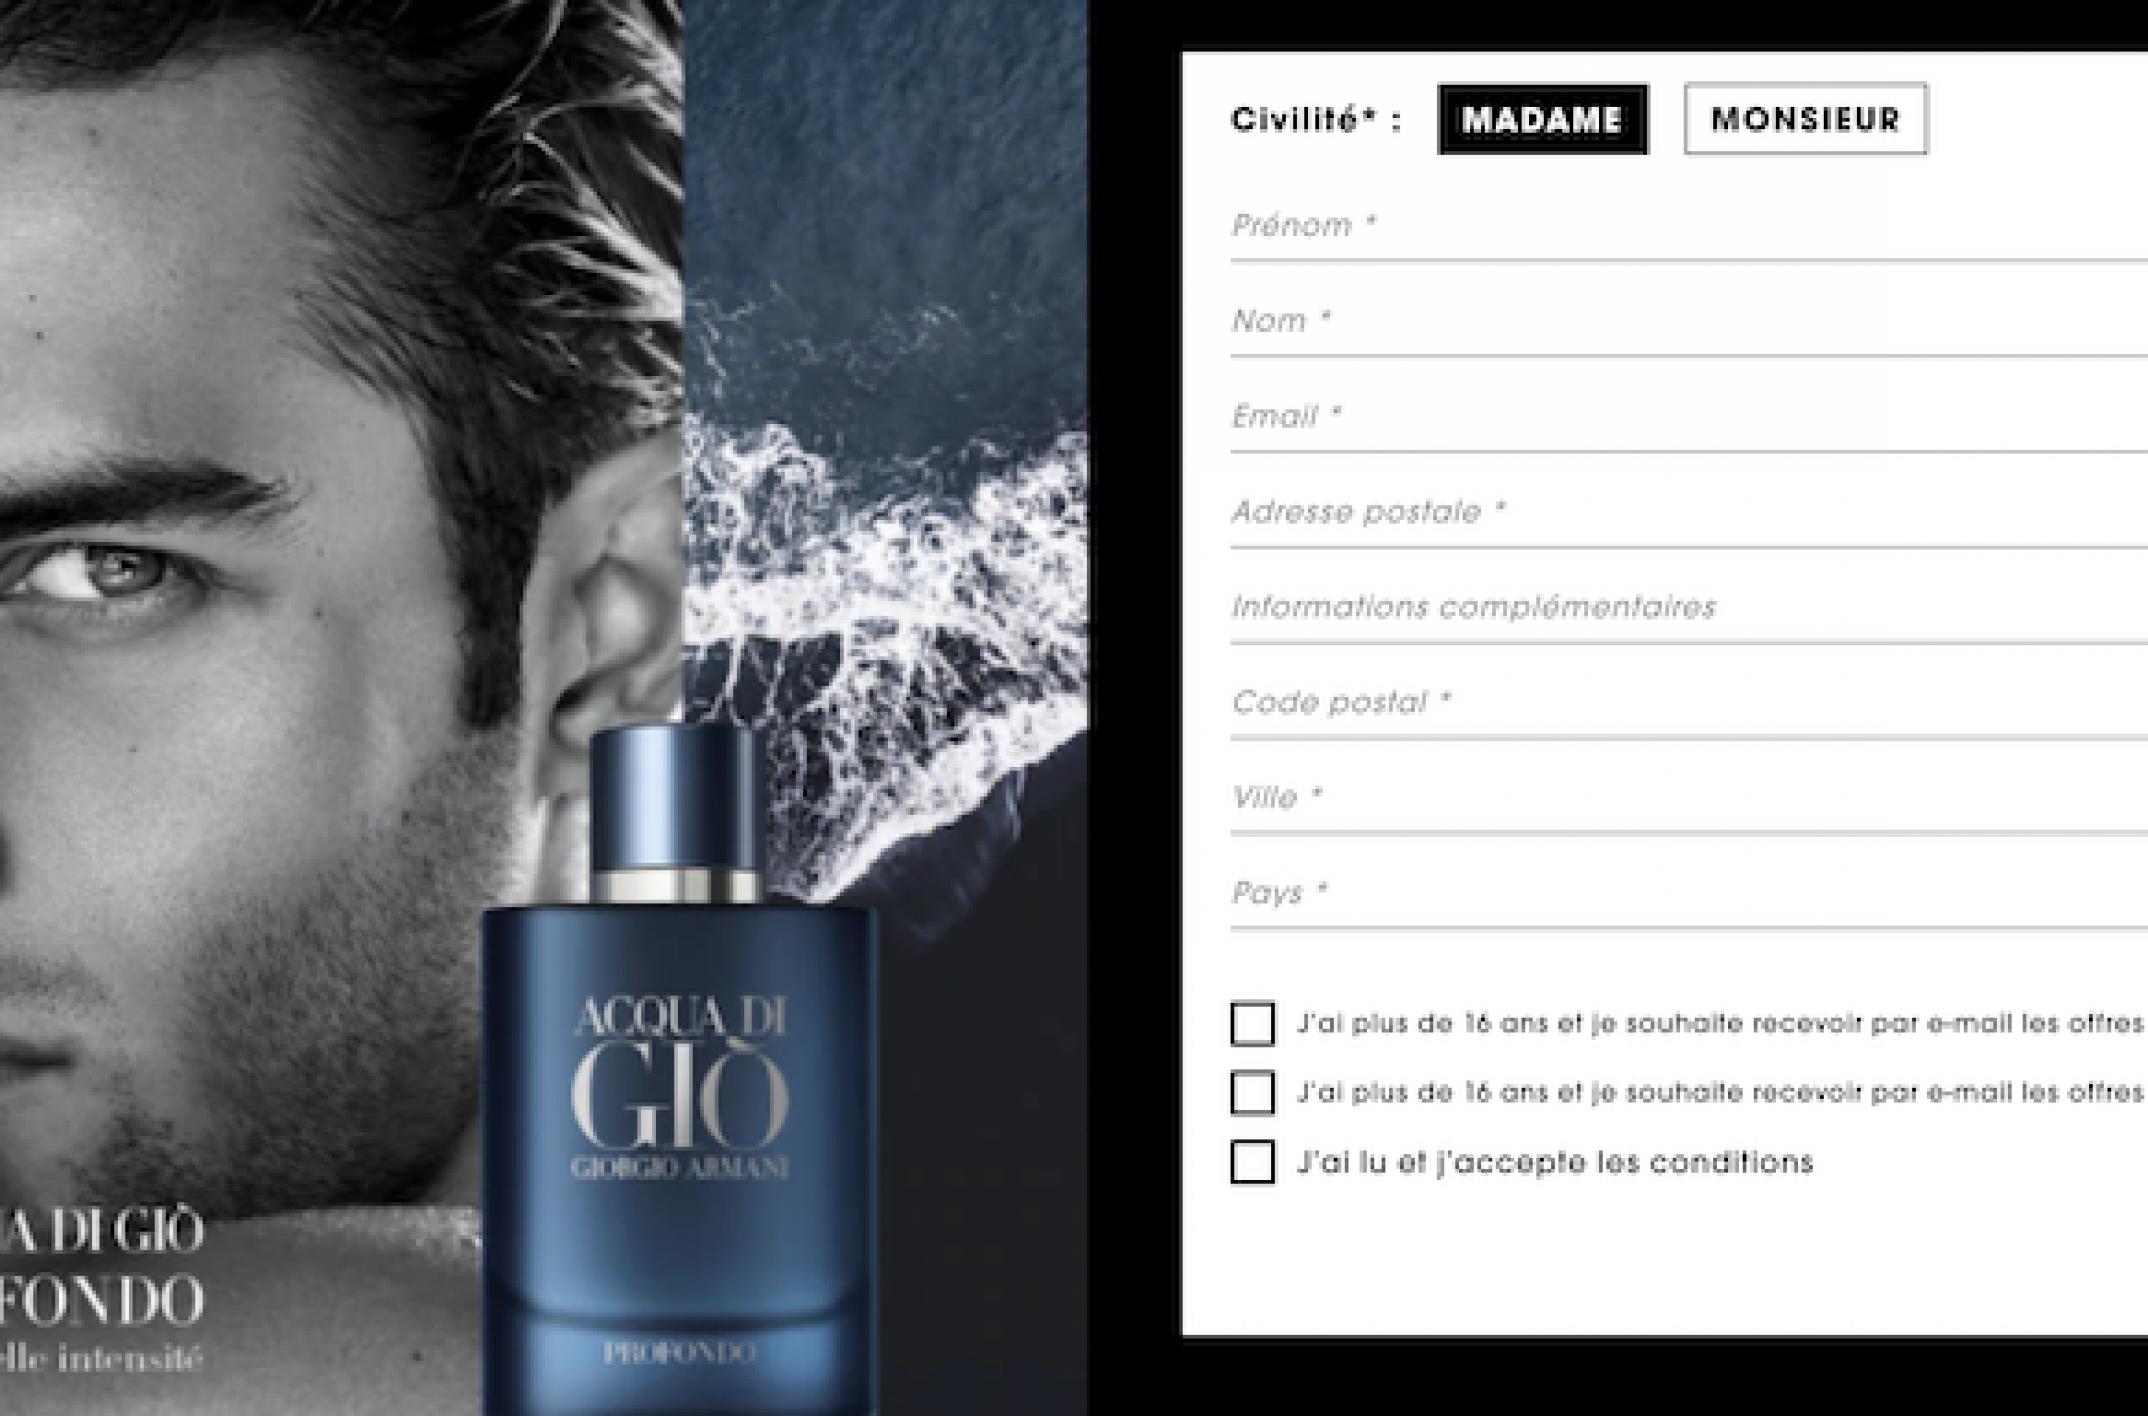 Un échantillon du parfum ACQUA DI GIÒ PROFONDO à recevoir sur sephora.fr